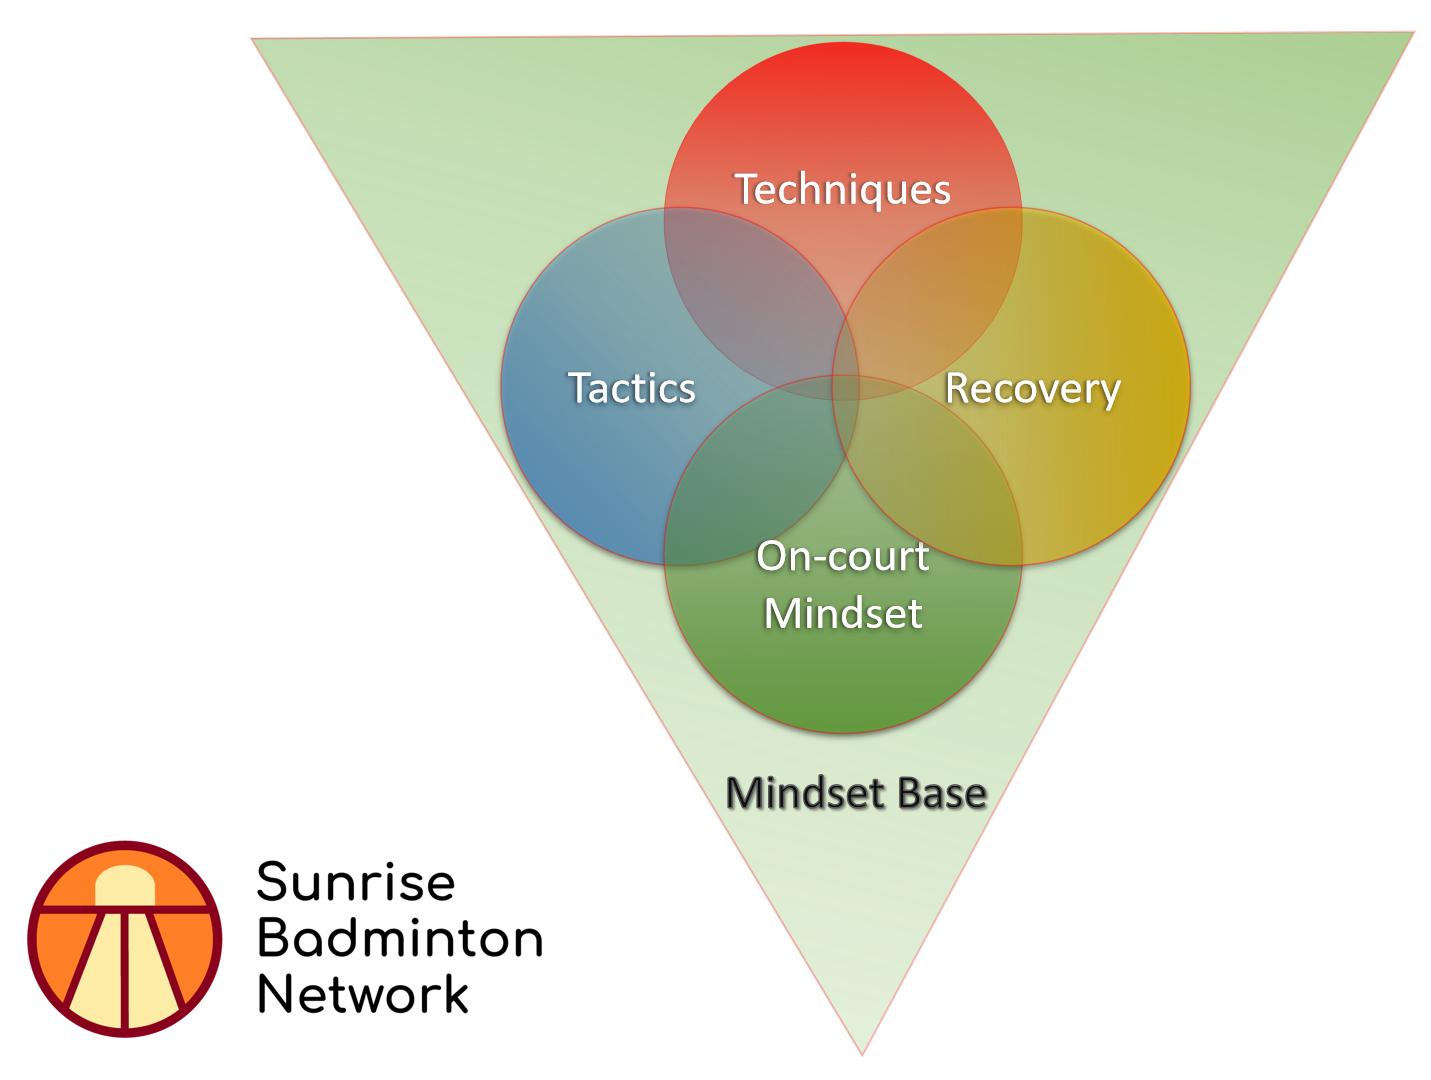 badminton-mindset-base-sunrise-network-warrington